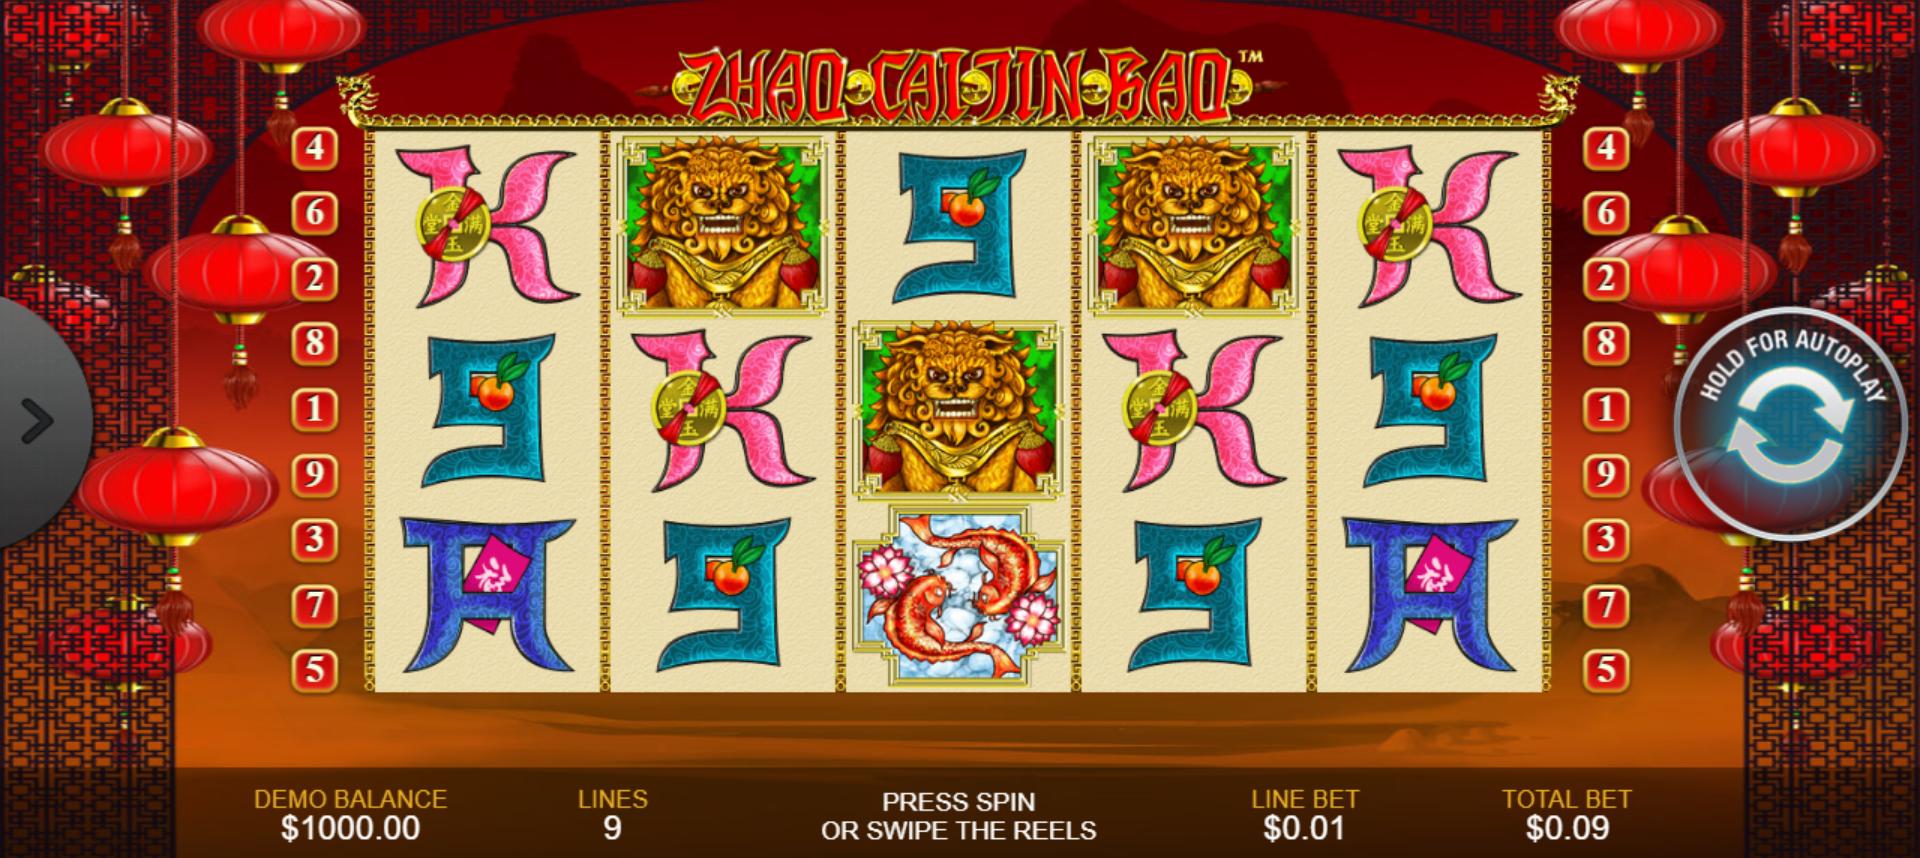 Zhao Cai Jin Bao Slot Online (1)